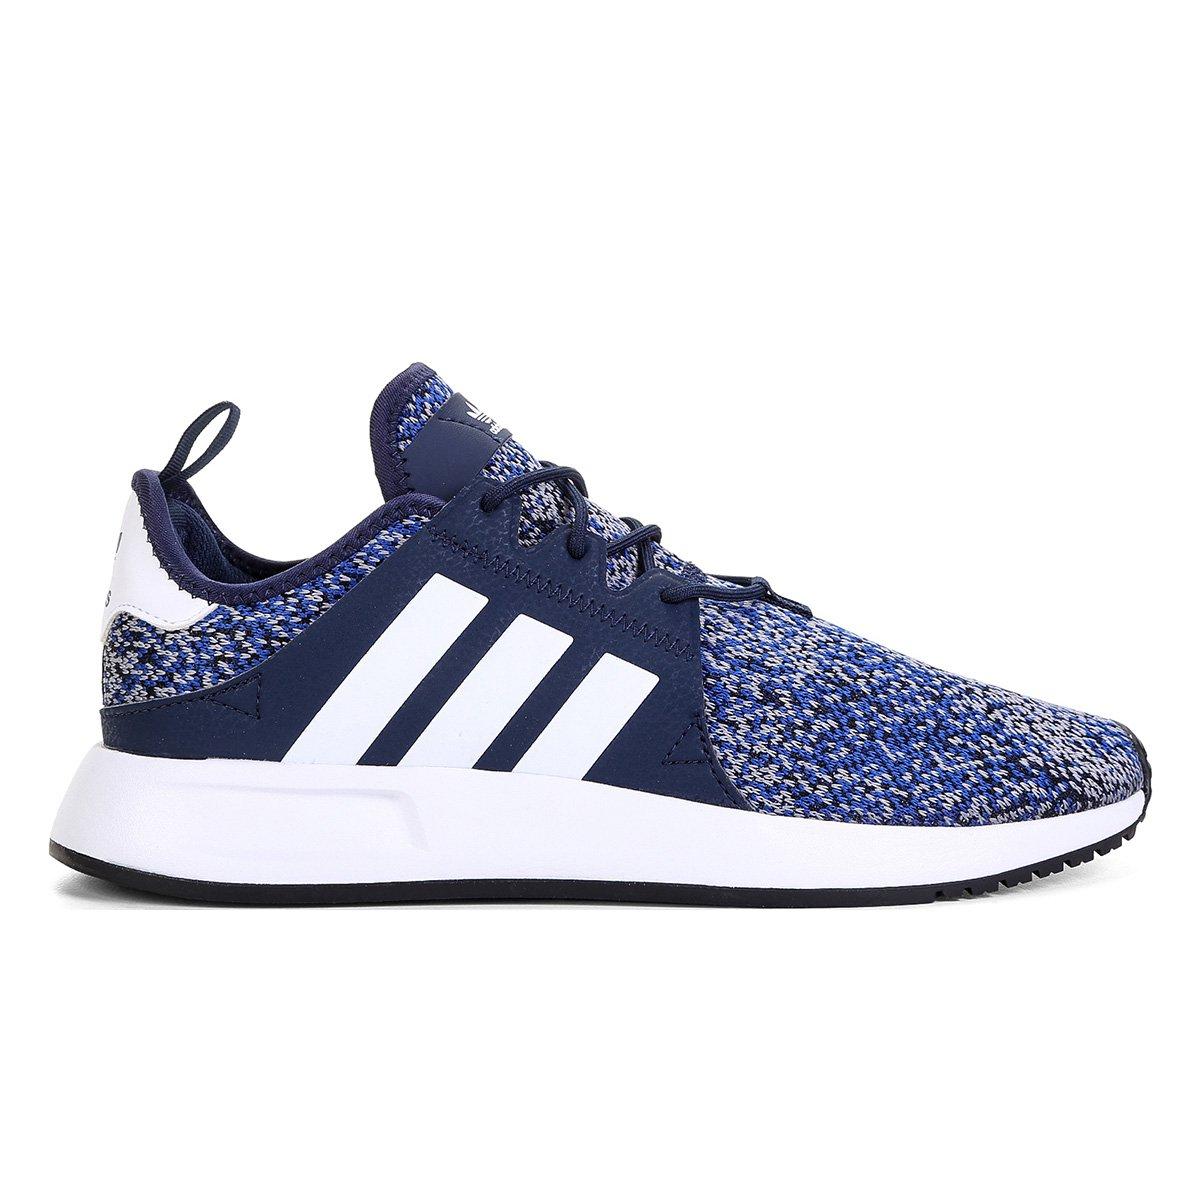 349f6e78357 Tênis Adidas X PLR - Azul e Branco - Compre Agora